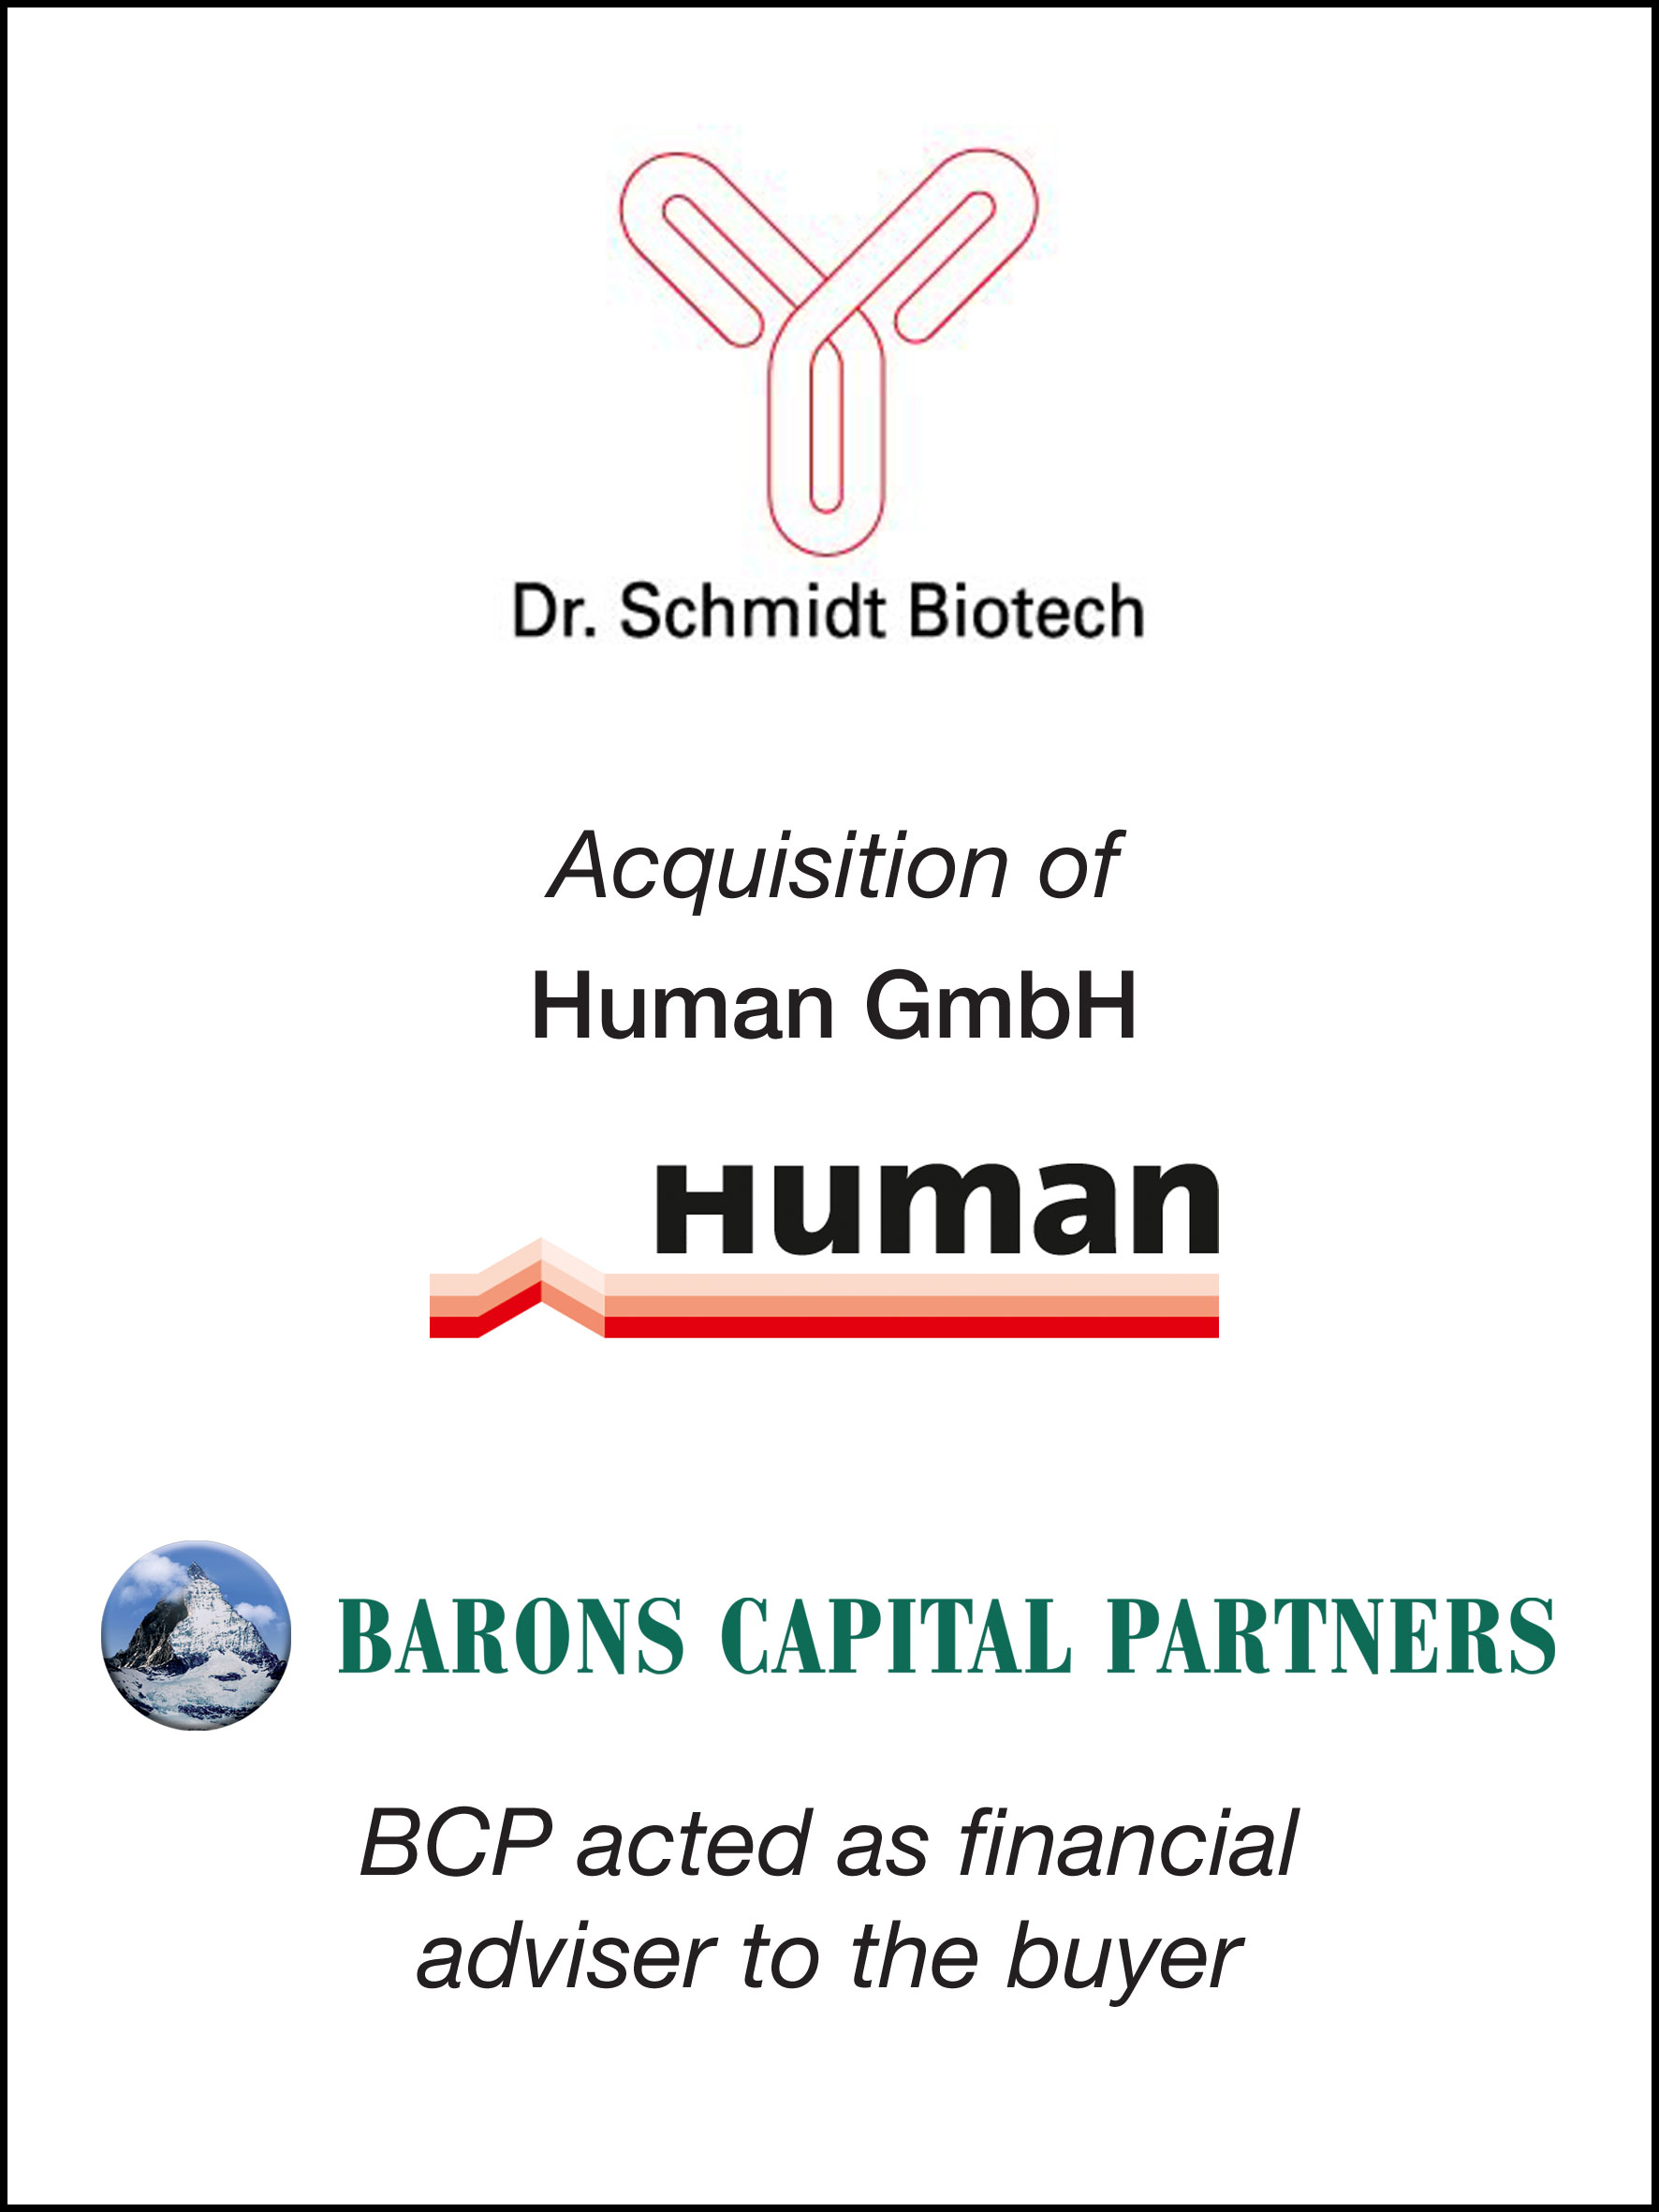 18_HUMAN Gesellschaft für Biochemica und Diagnostica mbH